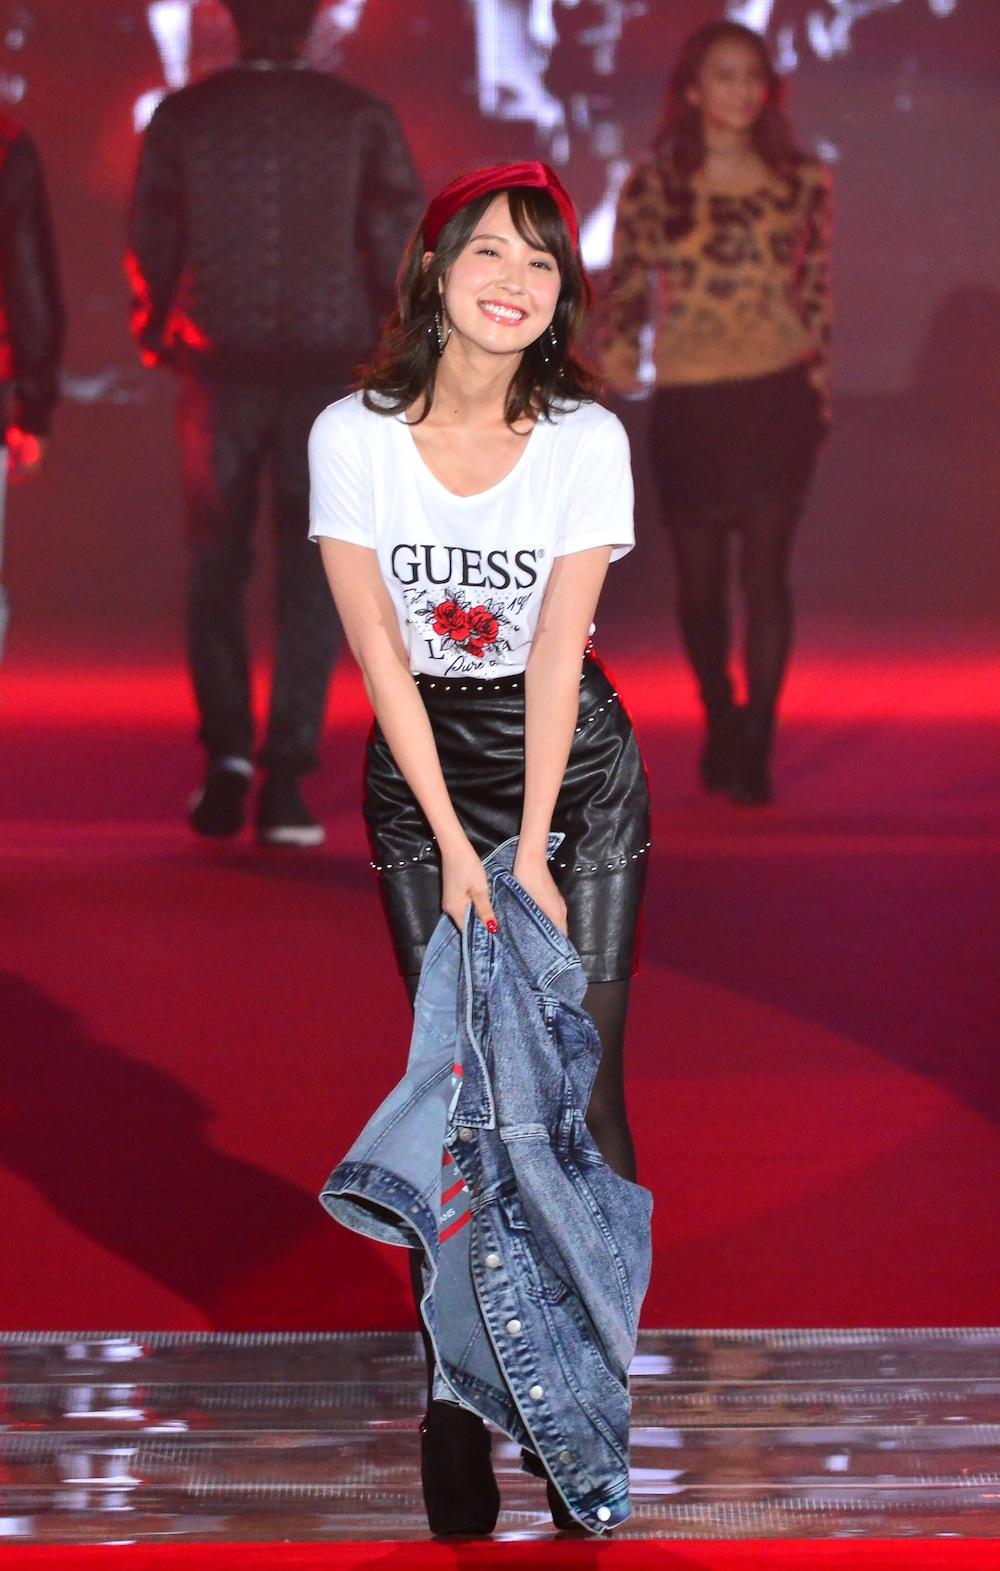 衛藤美彩(乃木坂46)GUESSステージ GirlsAward